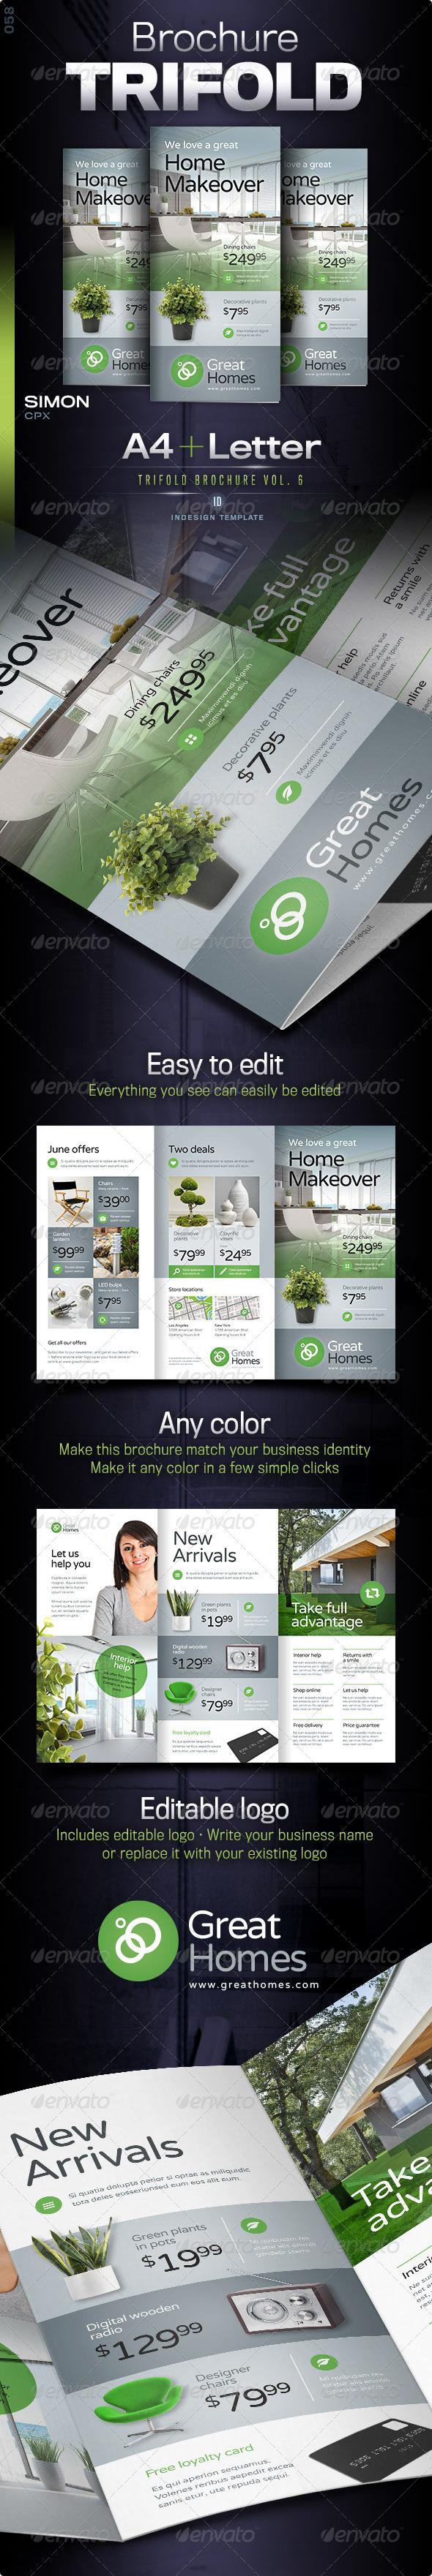 GraphicRiver Trifold Brochure Vol 6 8164360